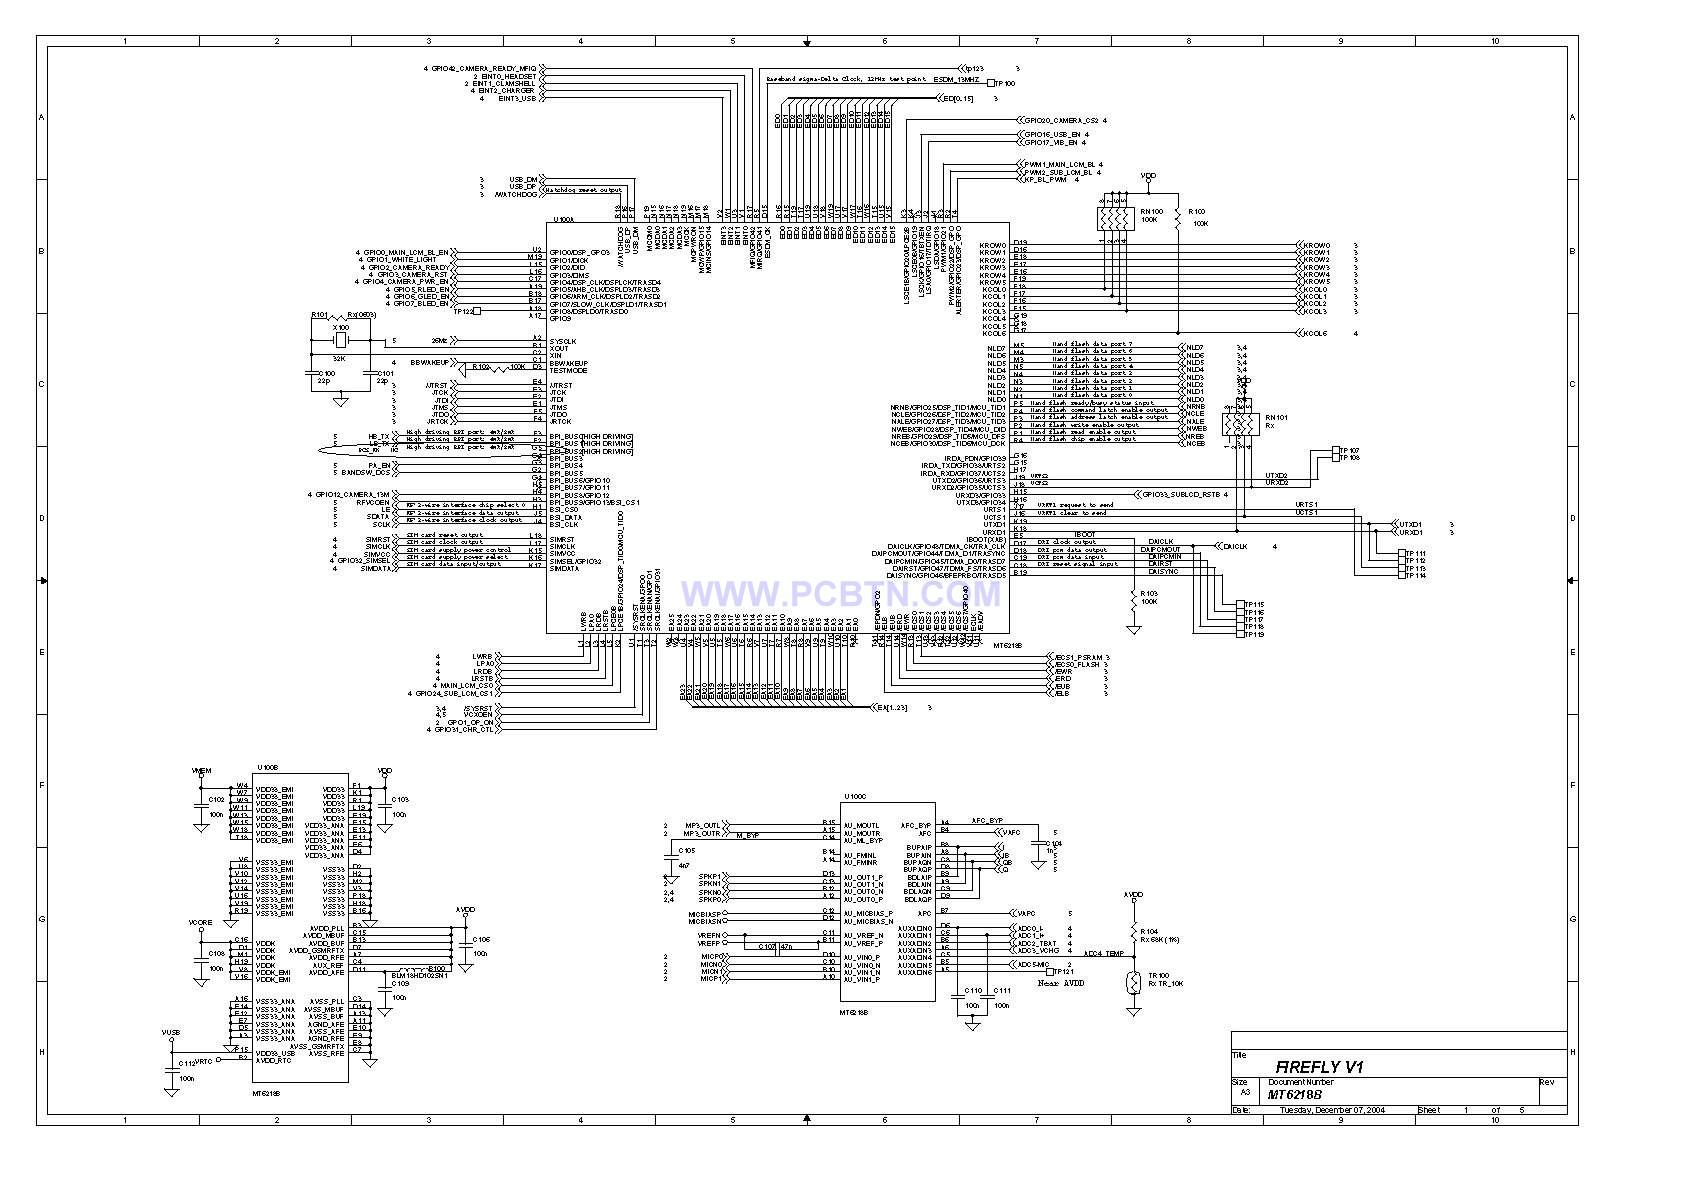 托普电路图设计top968,656[_]1